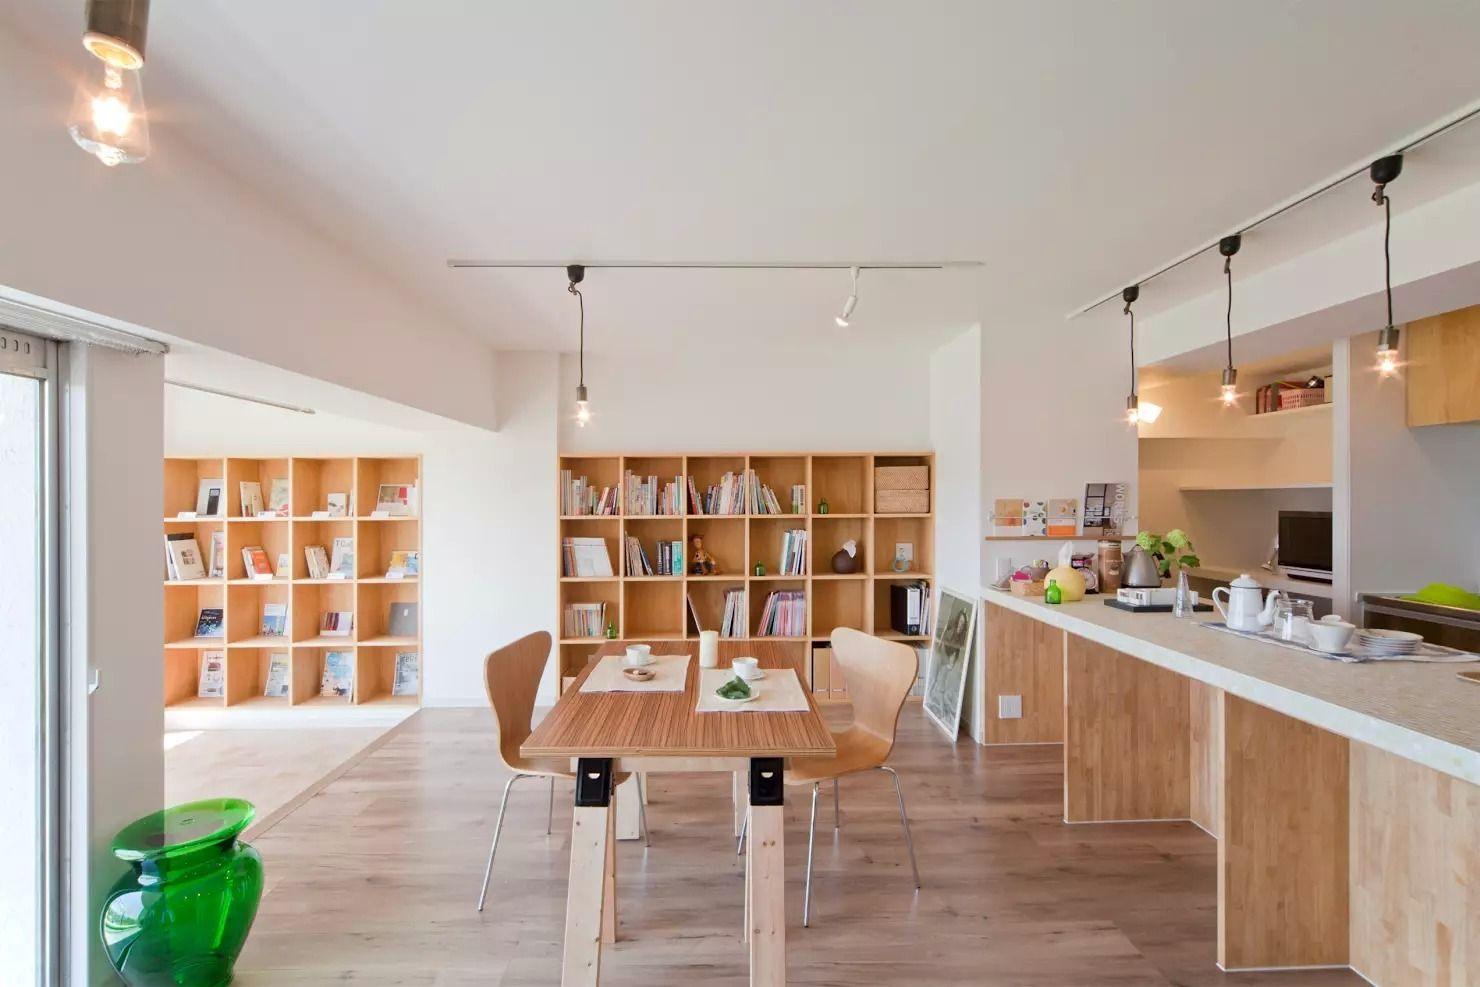 Book Cafe House Ruangan Ruang Baca